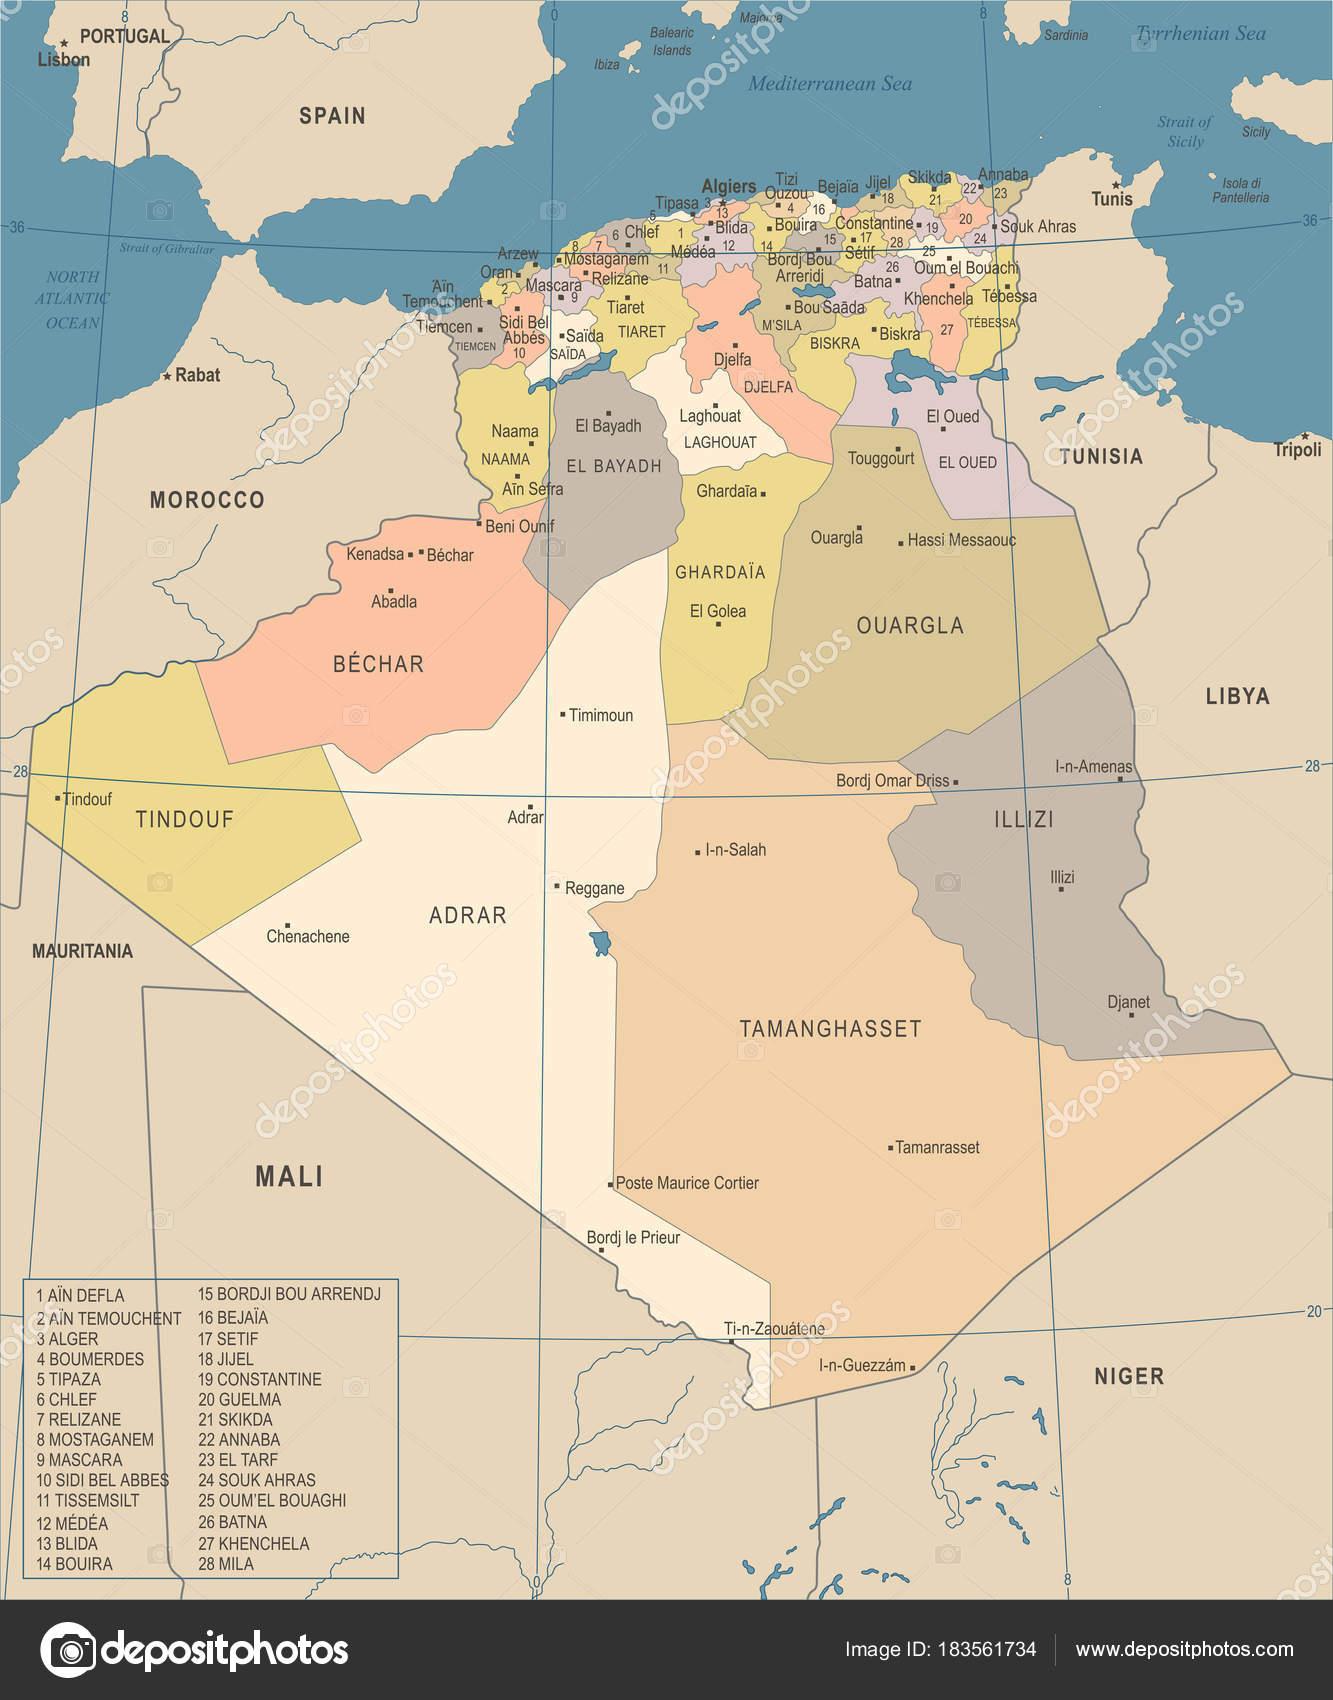 Carte Algerie Tipaza.Carte De L Algerie Illustration Vectorielle Detaillee Vintage